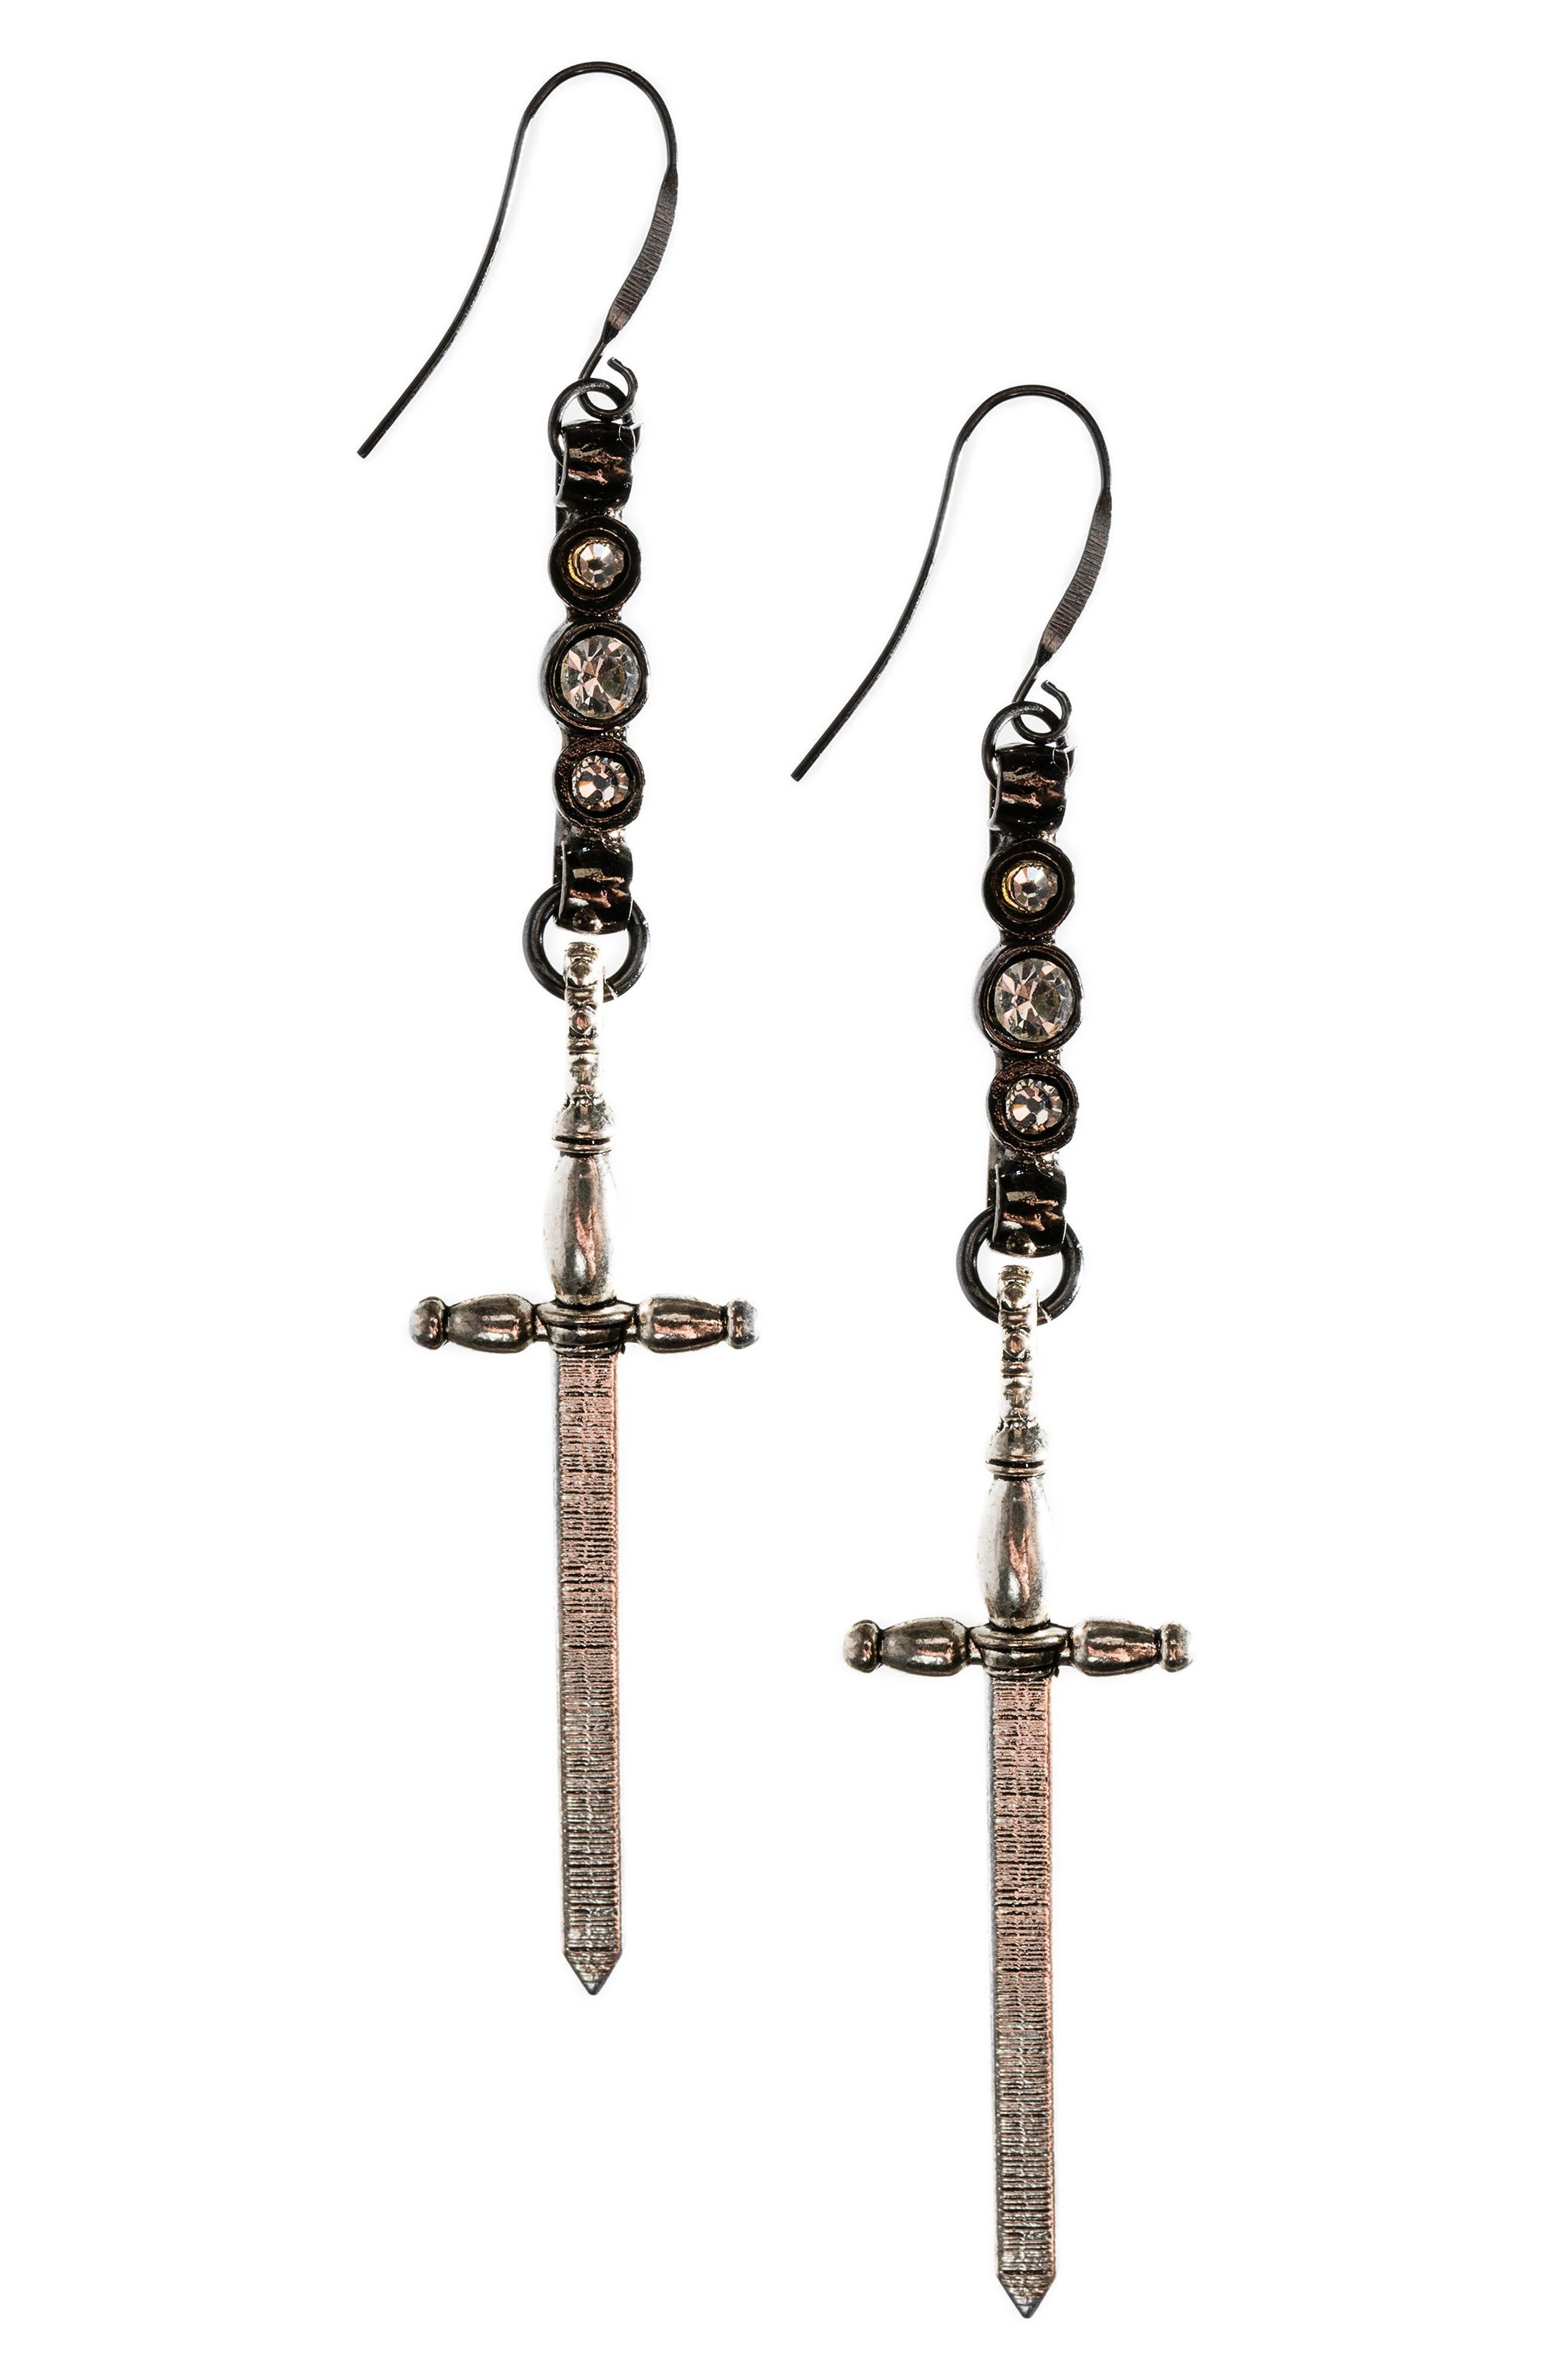 MHART Spike Sword Drop Earrings